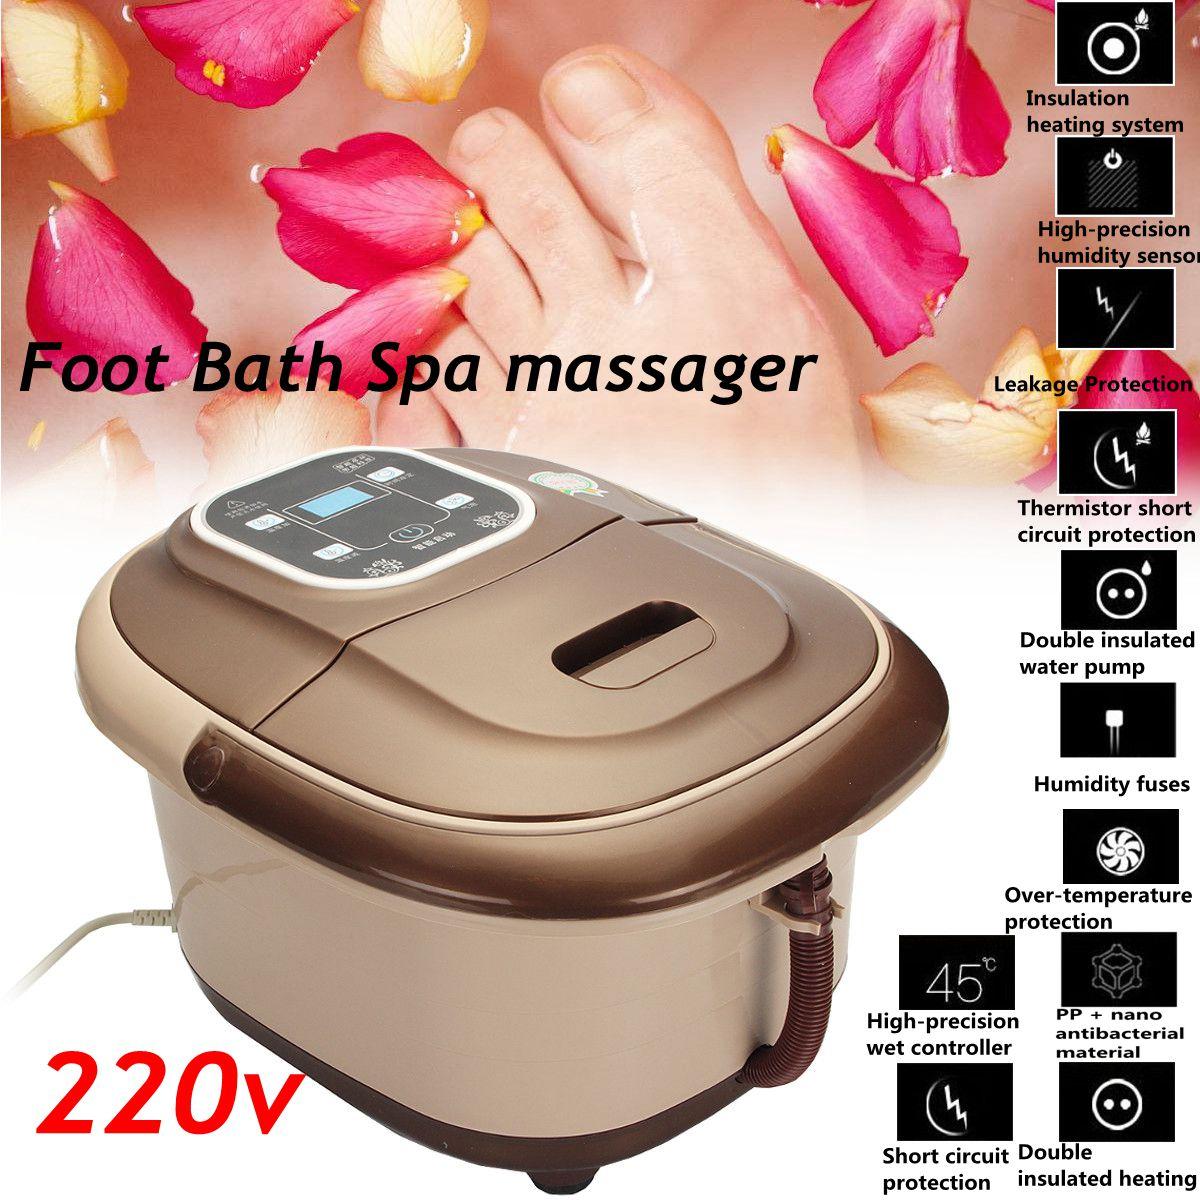 ЖК-дисплей 500 Вт 220 В ванночку для ванны инфракрасной терапии массажер огнестойкость изоляции кислорода пузырь